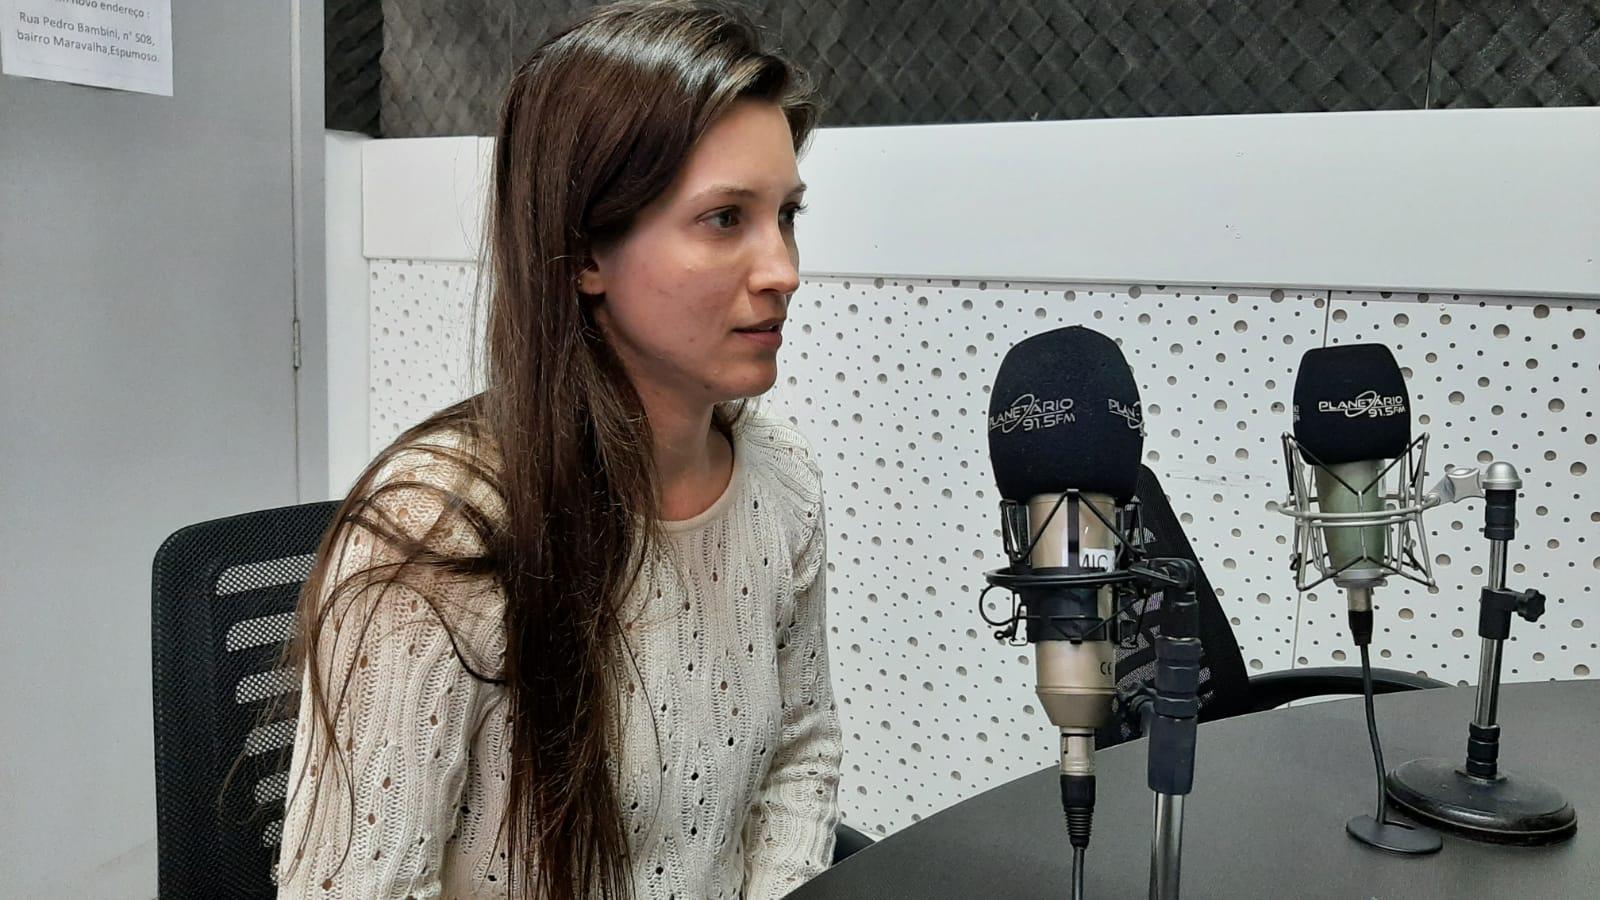 Delegada Jaqueline Pauli fala sobre o caso de feminicídio em Espumoso